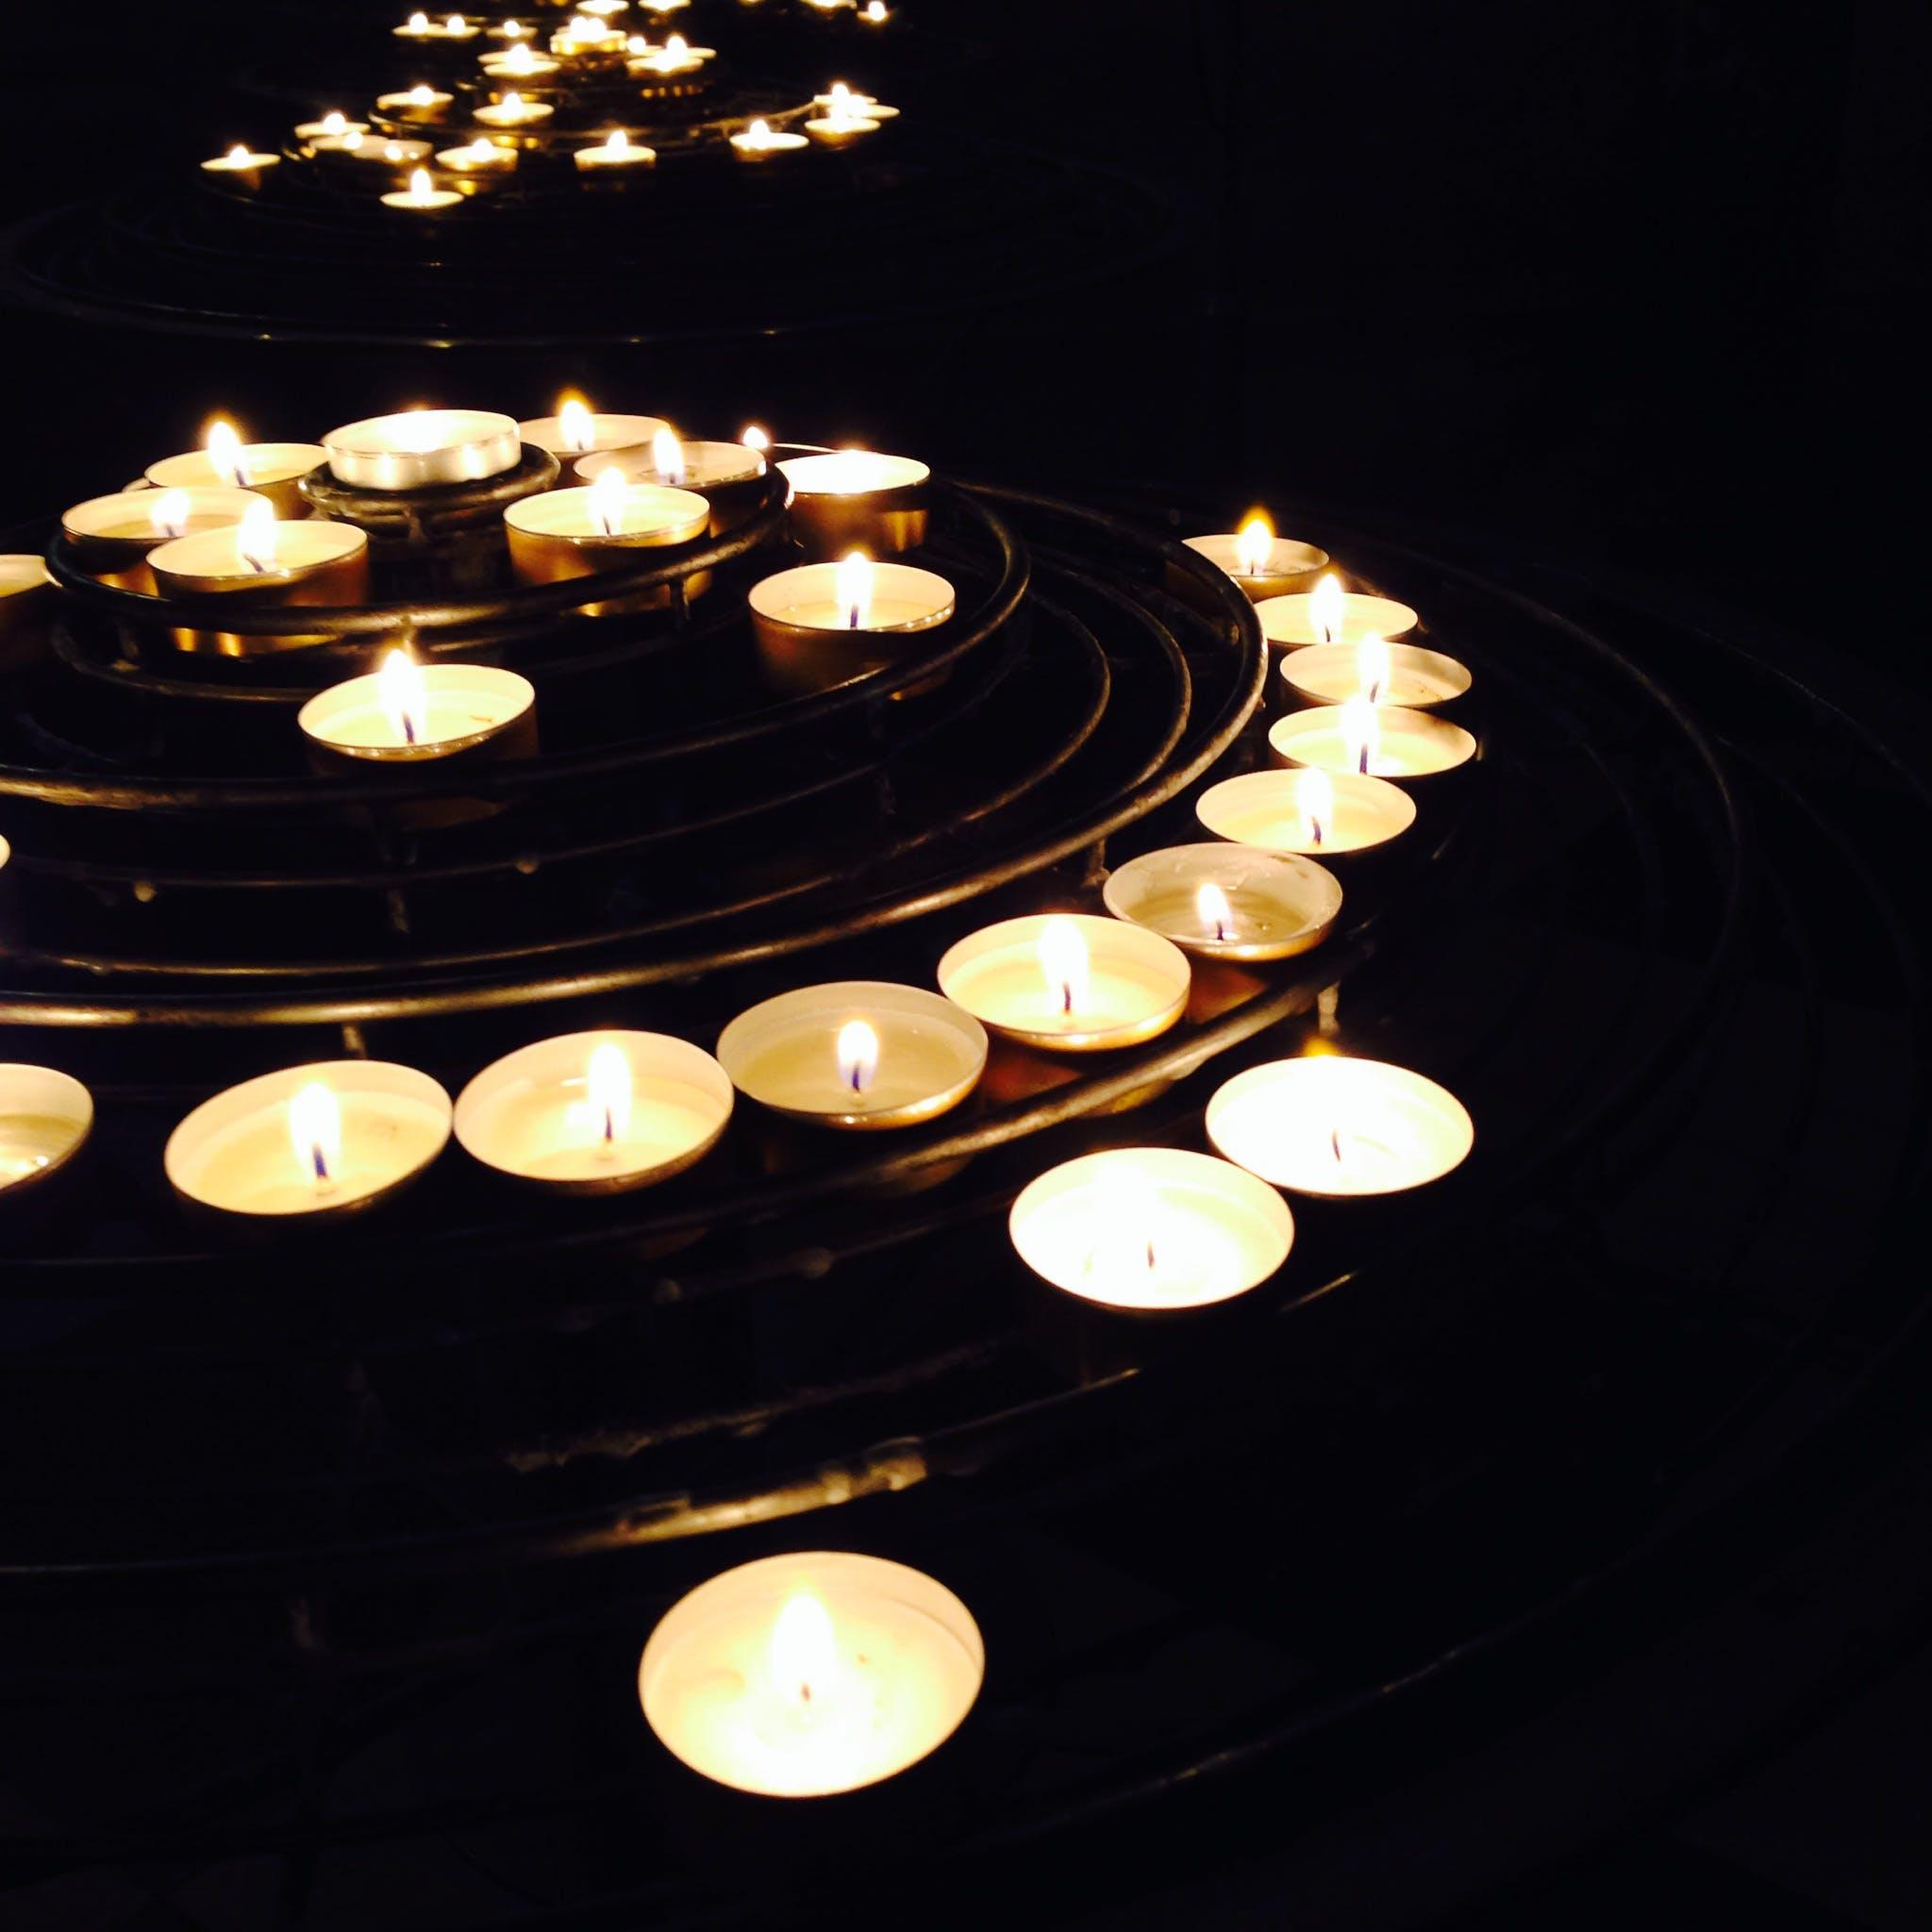 Illuminated Candles on Black Background